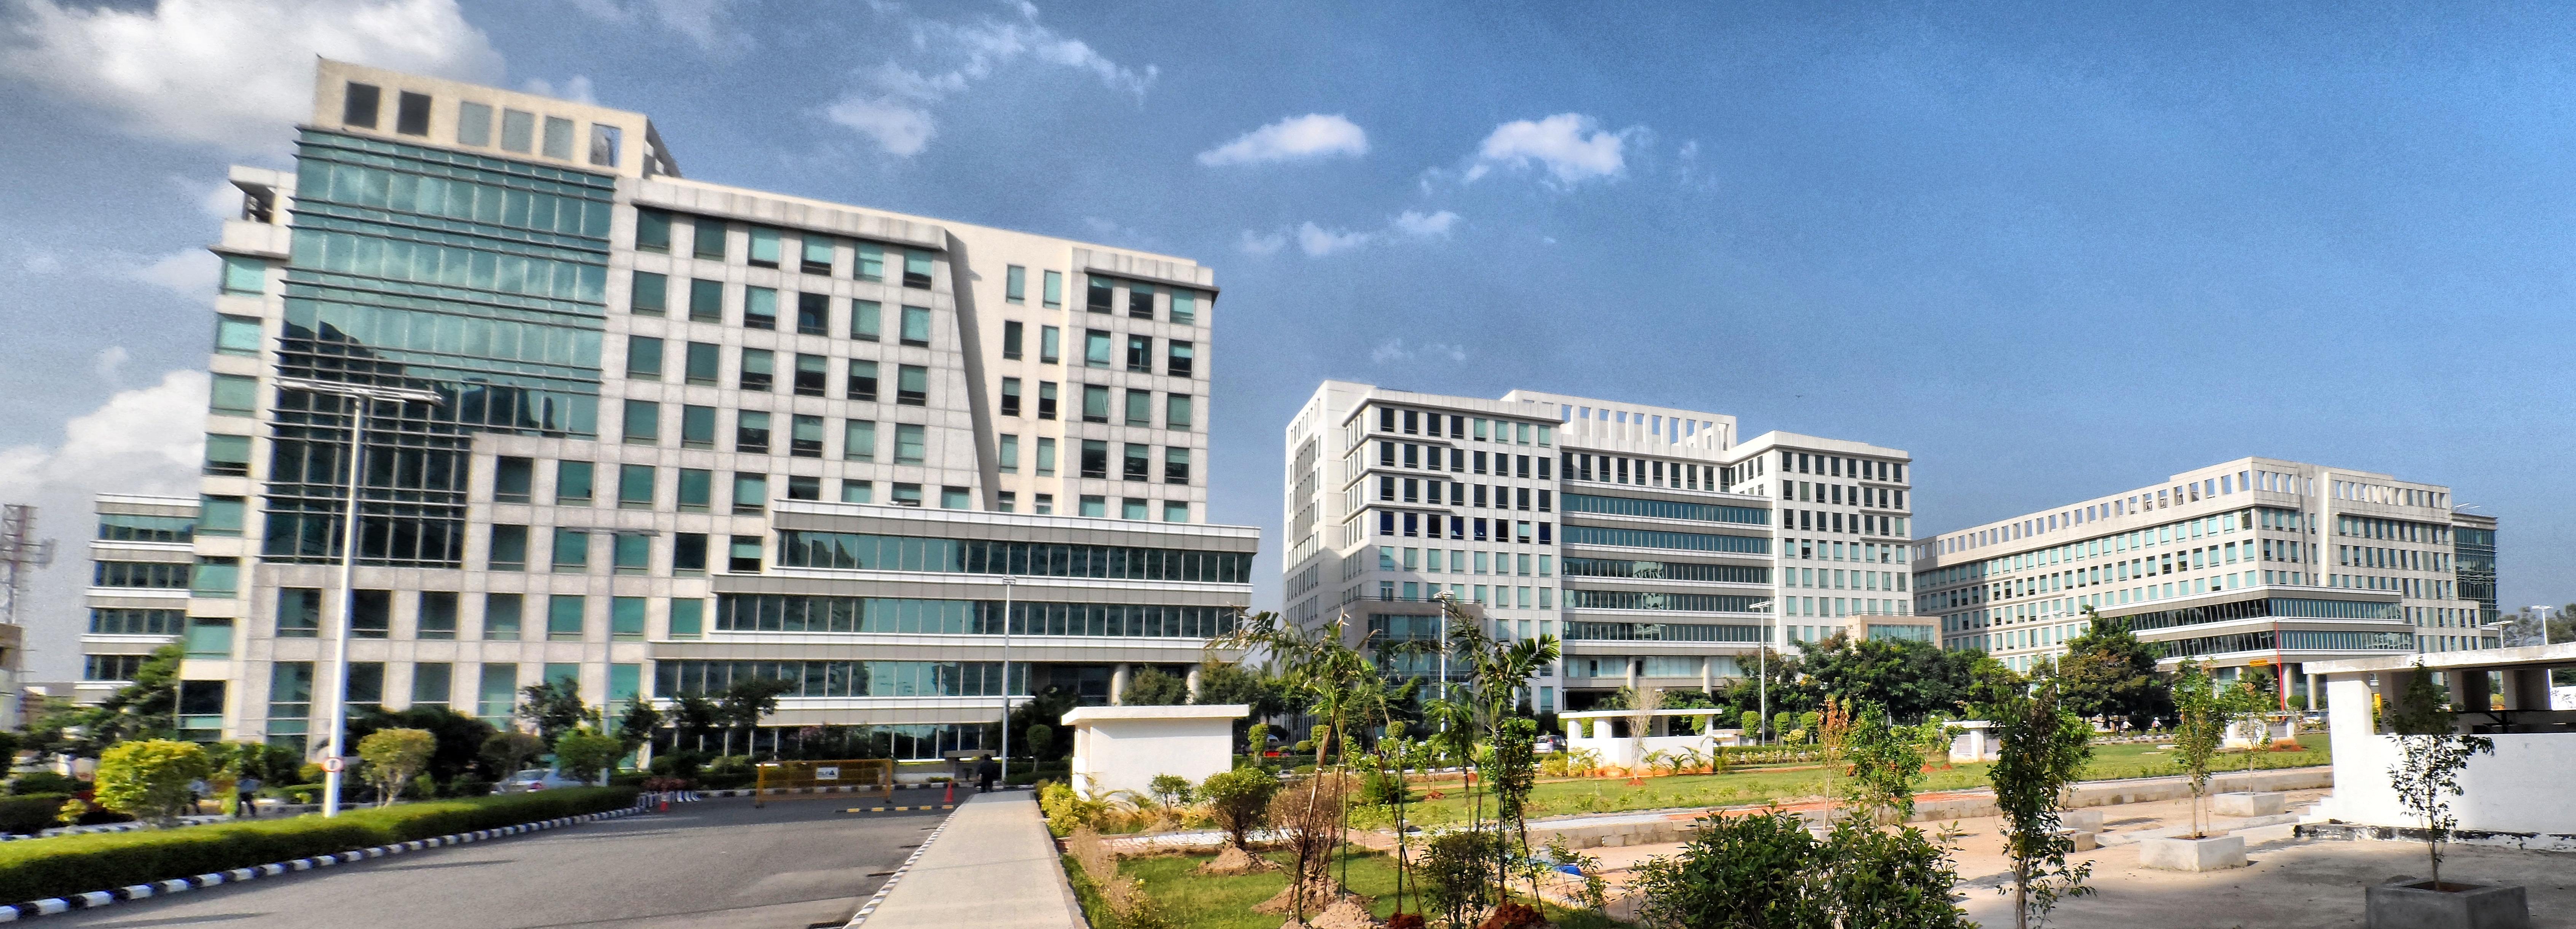 Dlf Garden City Hyderabad Address